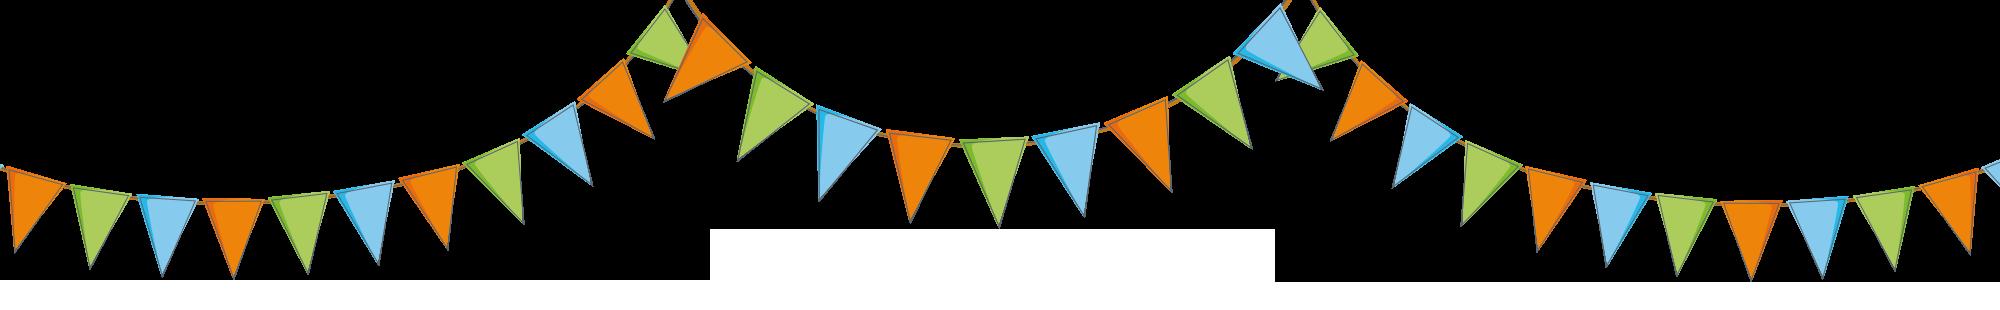 Banner Wimpelkette